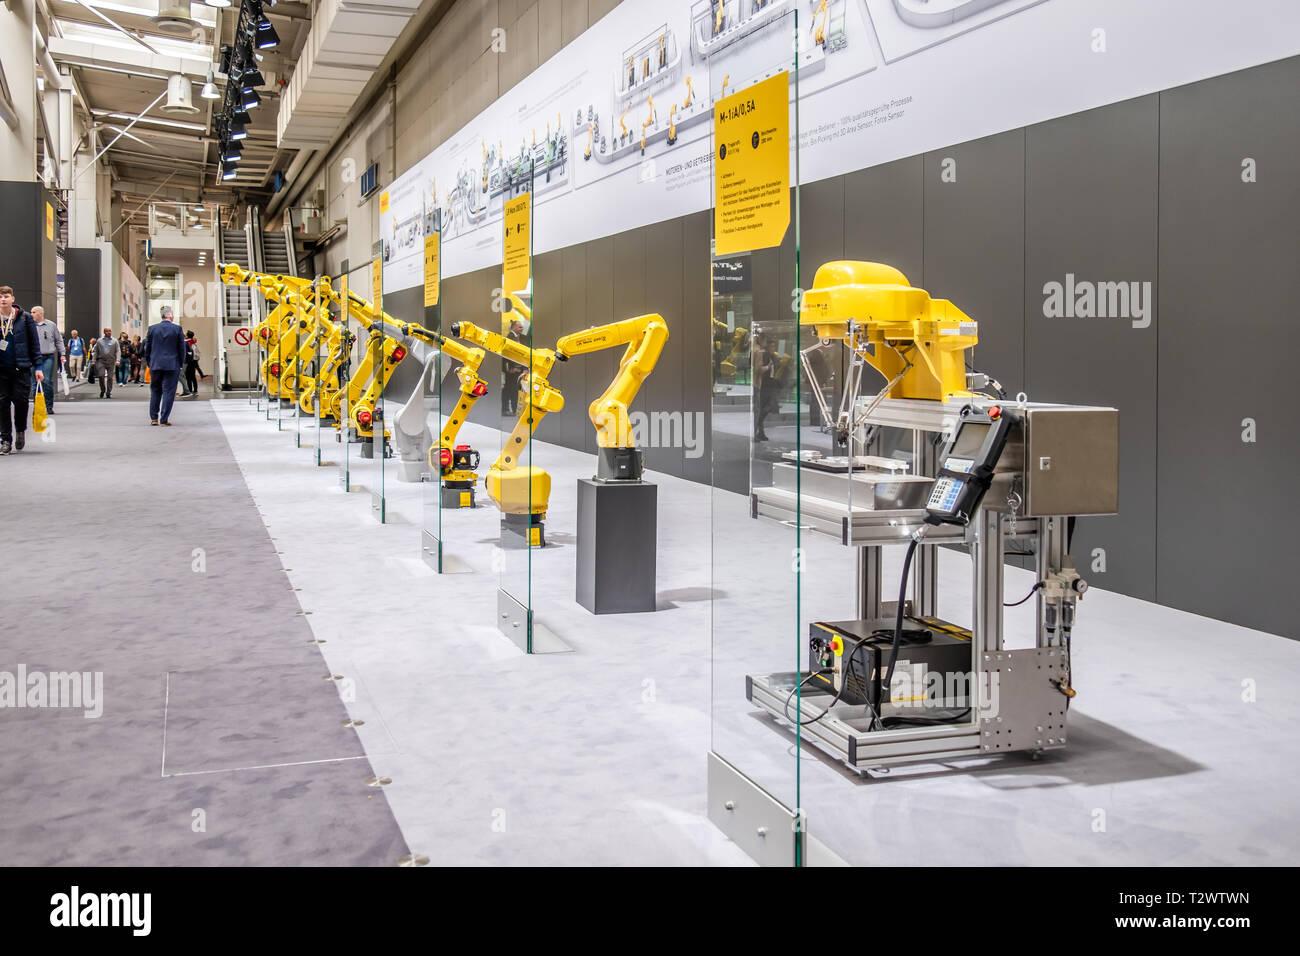 Fanuc Robotics Stock Photos & Fanuc Robotics Stock Images